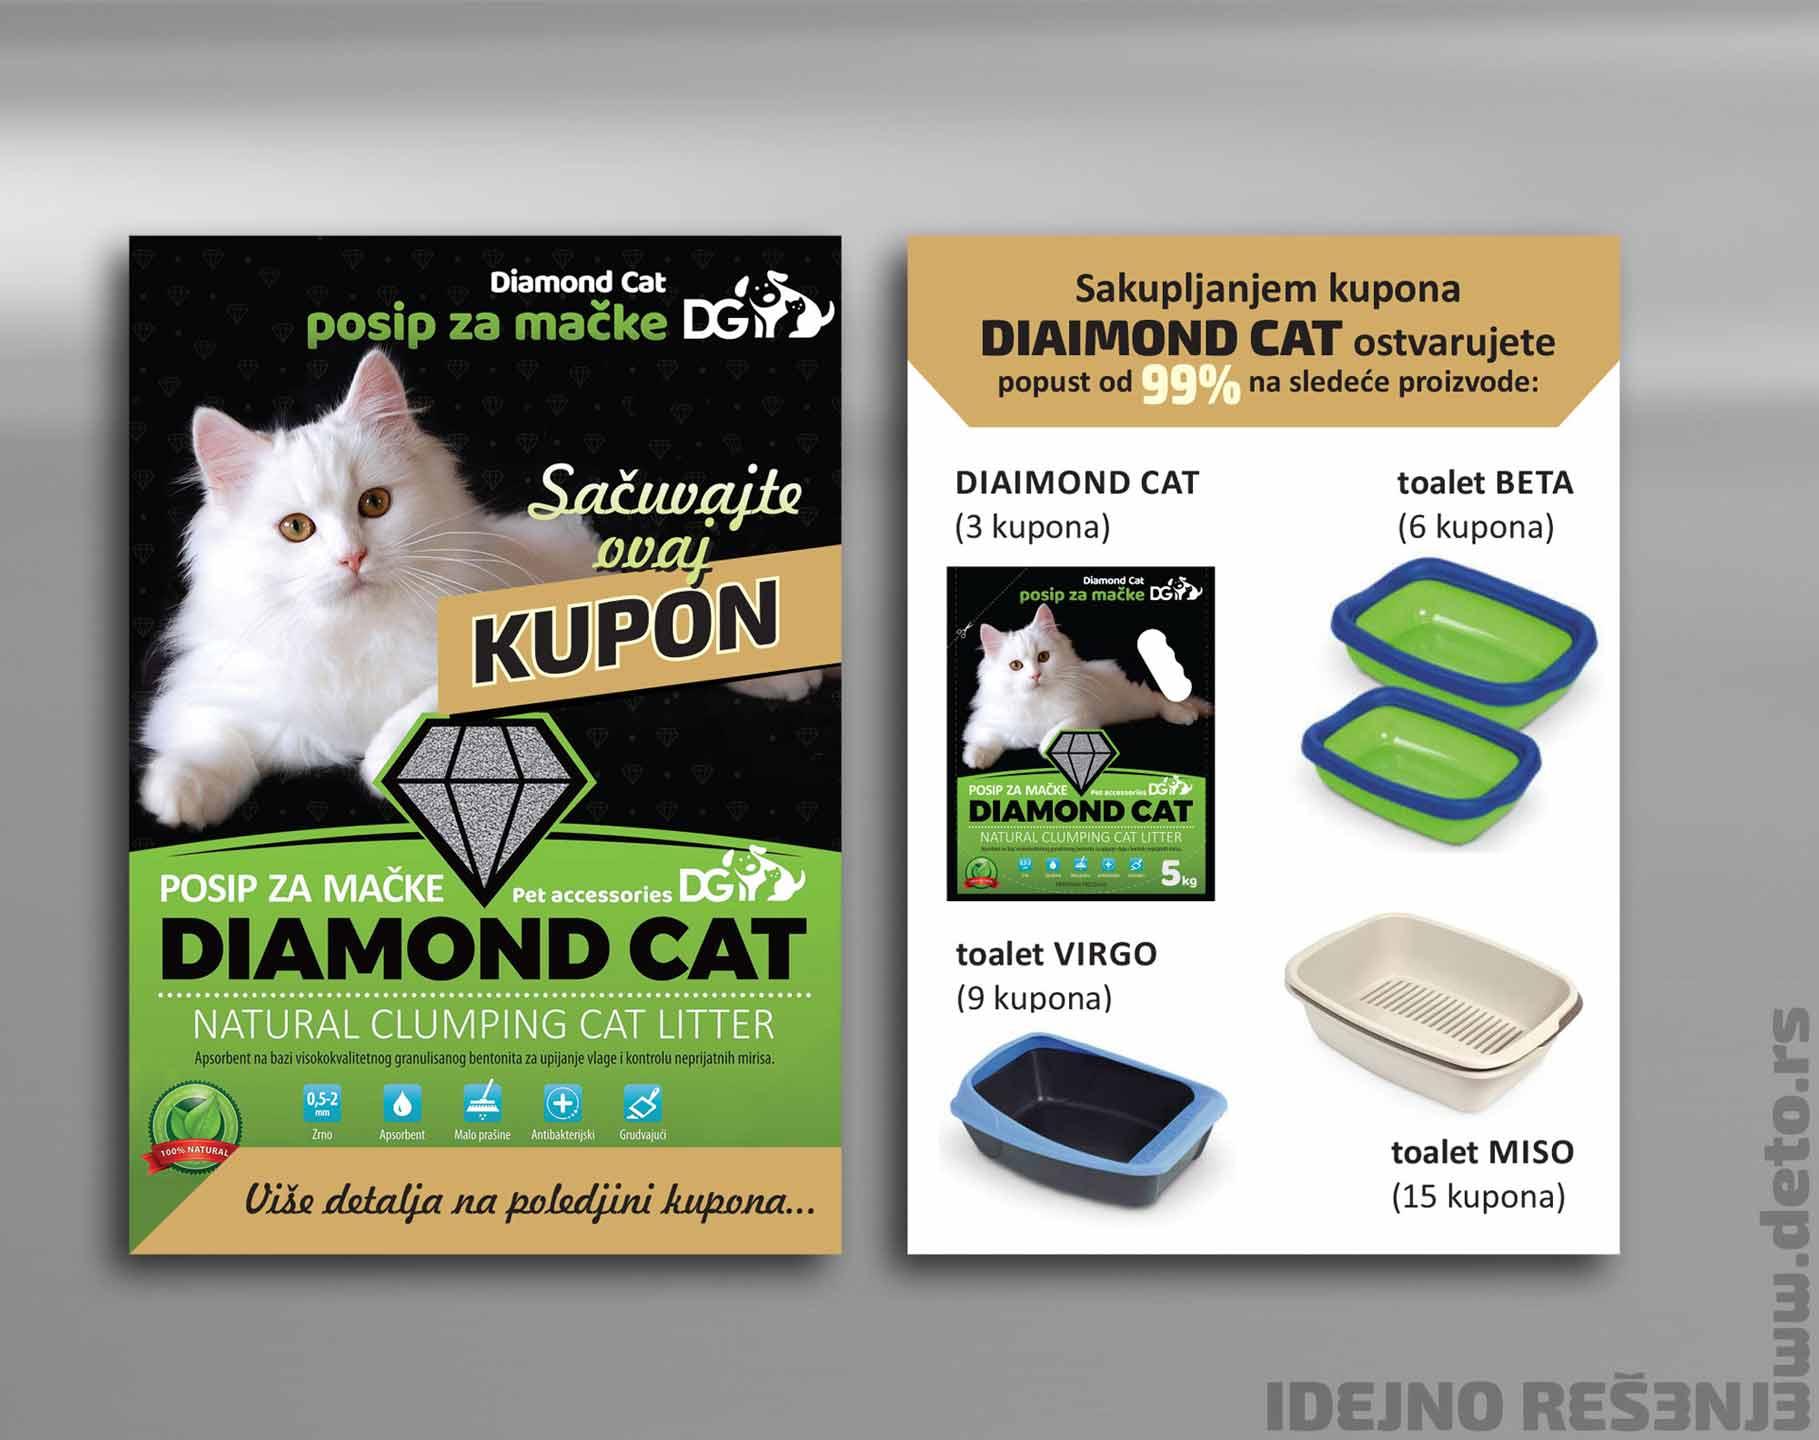 Dizajn -   Idejno rešenje, kupon, poklon uz hranu za mačke / Diamond Cat (Dinapet)